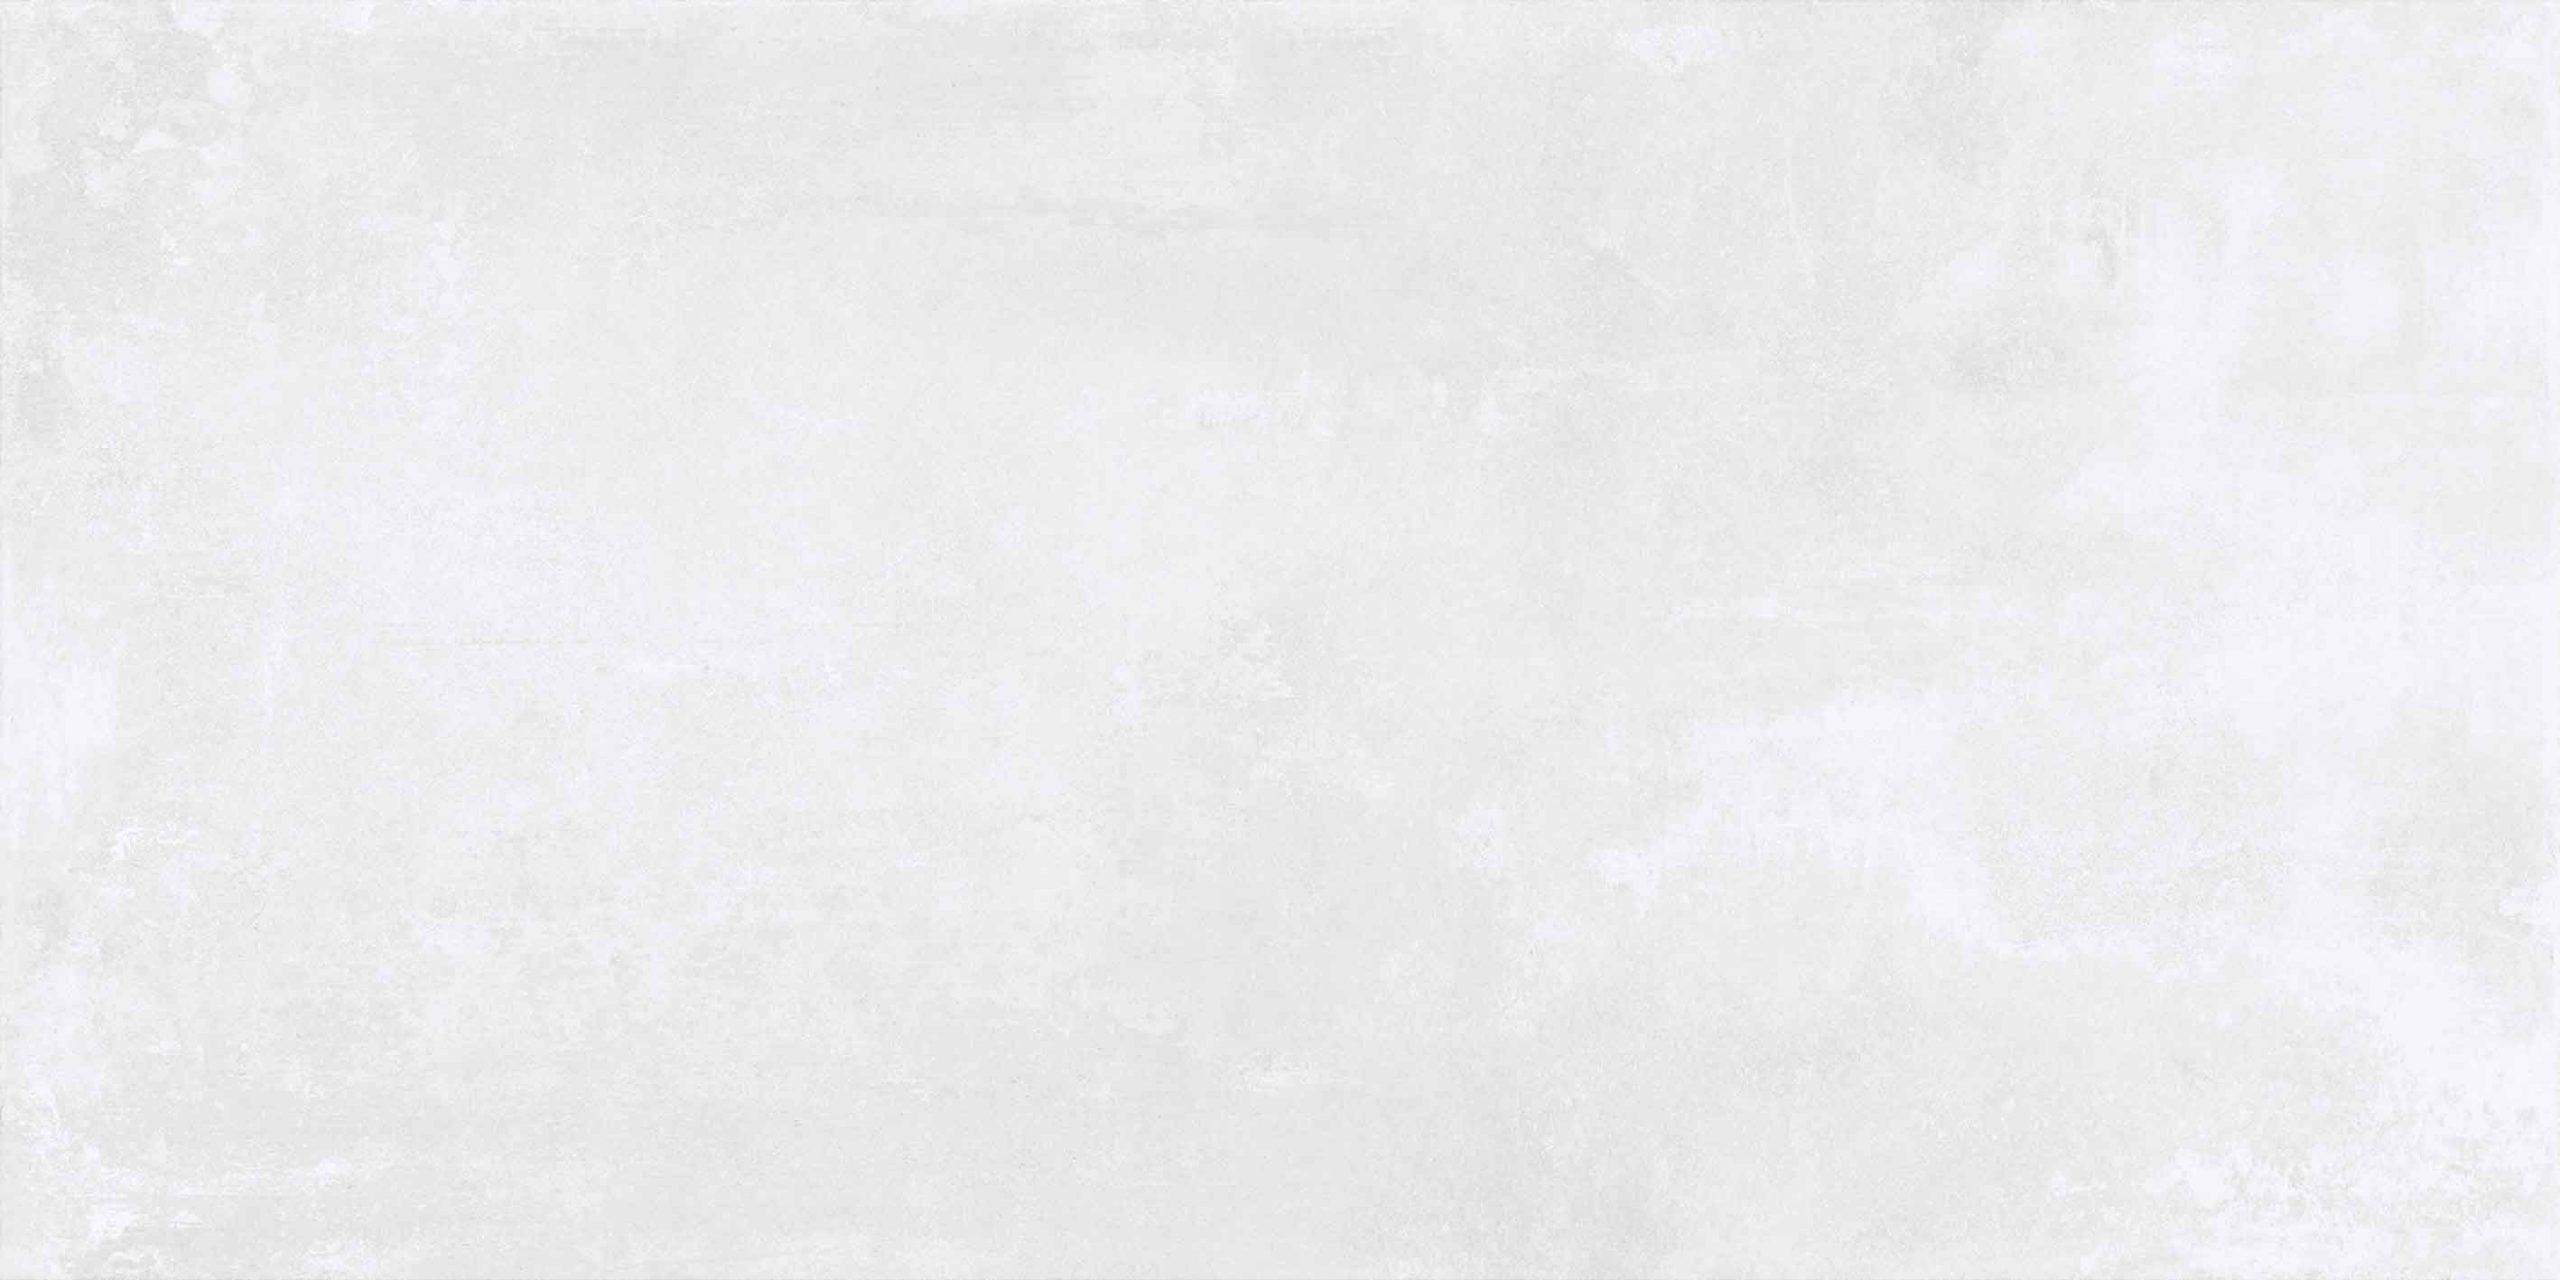 Rawtech White Matte 6mm 120 x 240